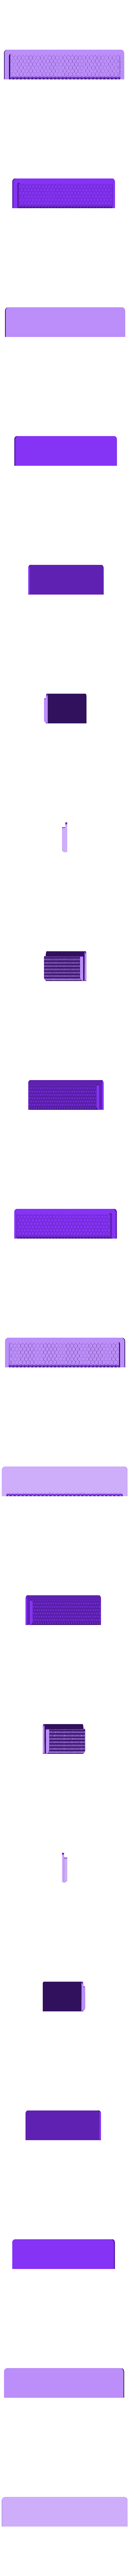 Plaque HP.stl Télécharger fichier STL gratuit Marshall Amplifier Style Keychain Holder • Plan pour impression 3D, DaGoN